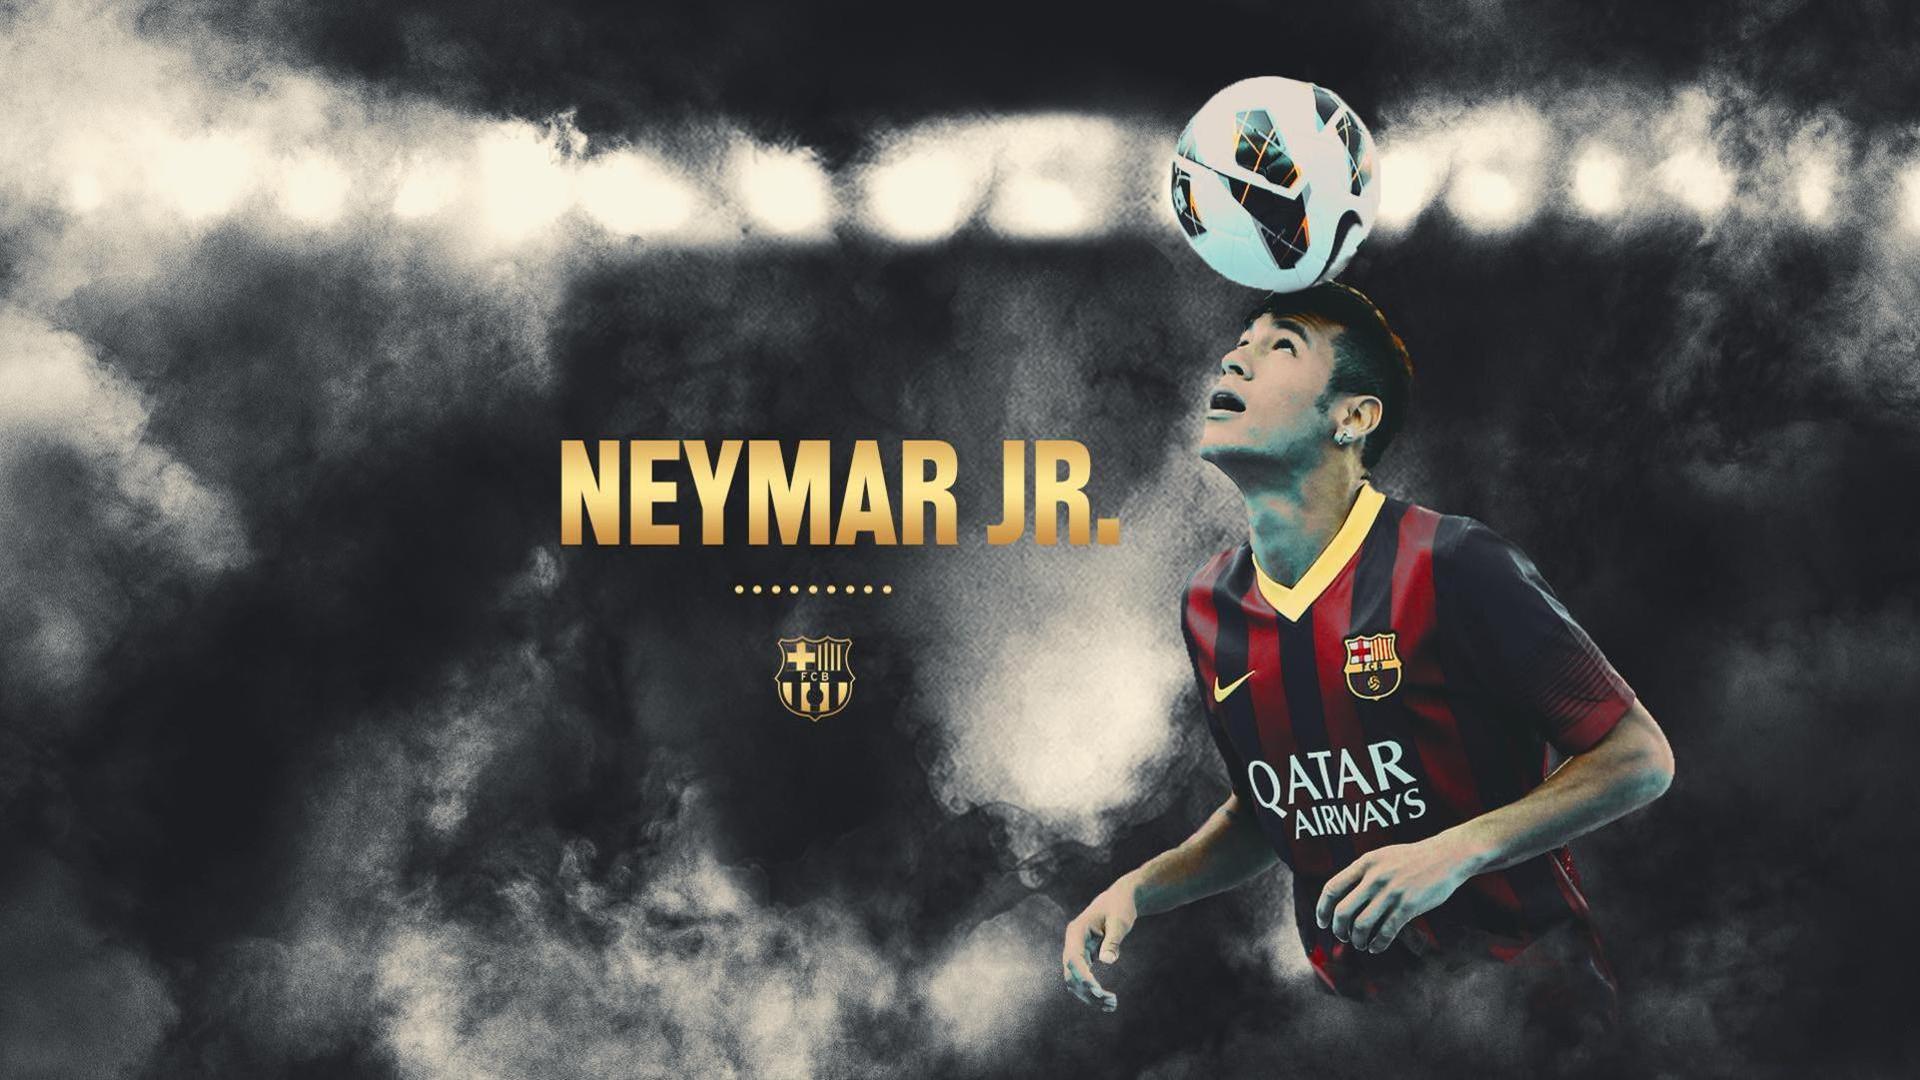 Neymar Wallpaper For Laptop